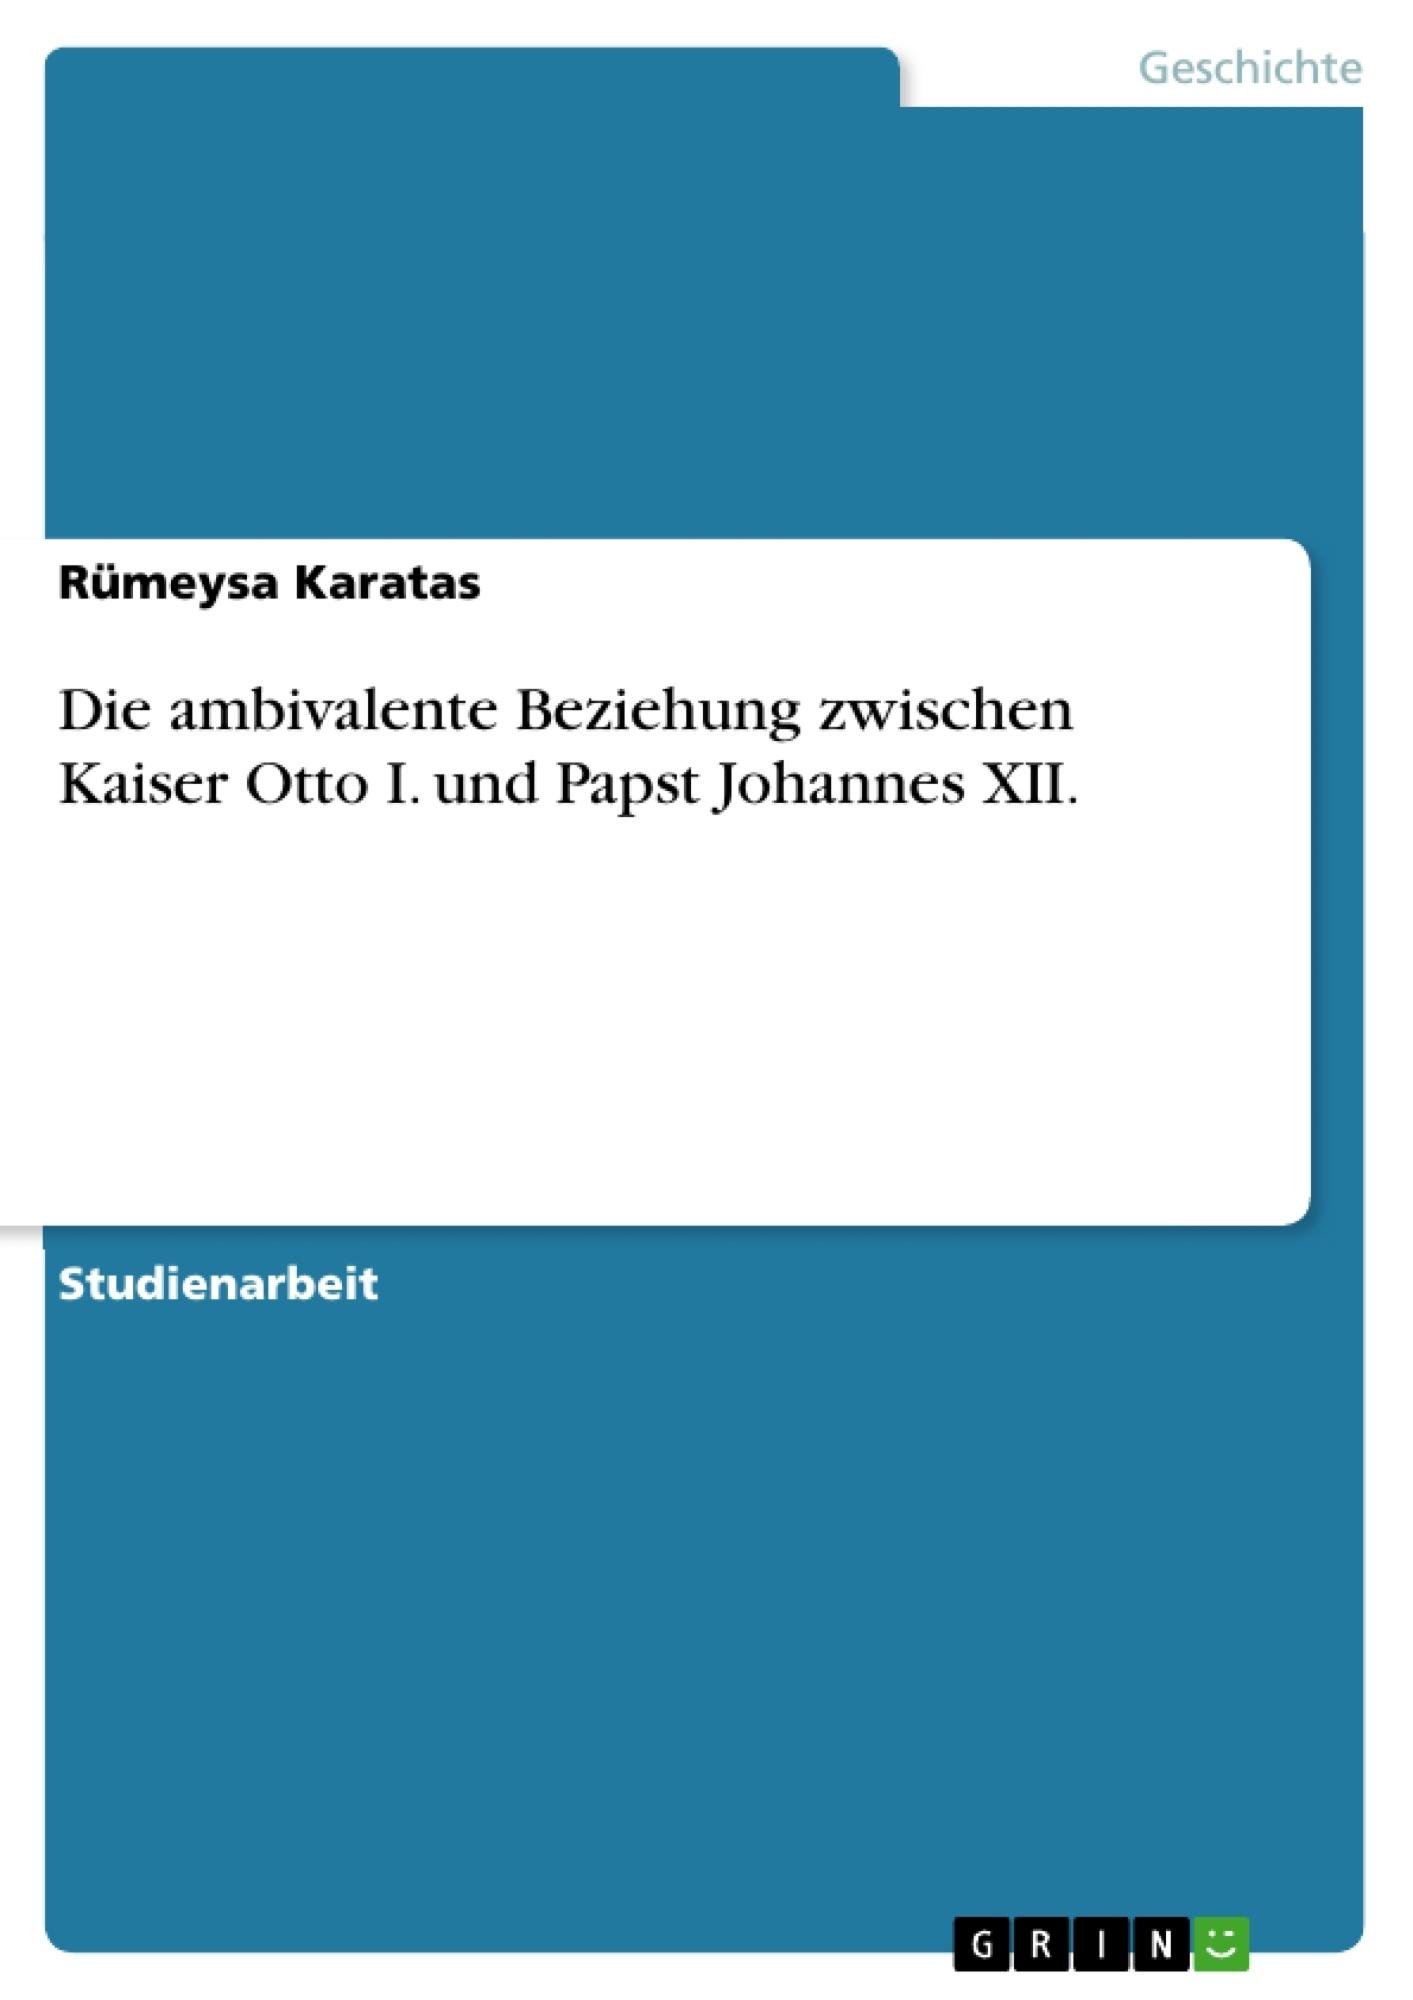 Titel: Die ambivalente Beziehung zwischen Kaiser Otto I. und Papst Johannes XII.